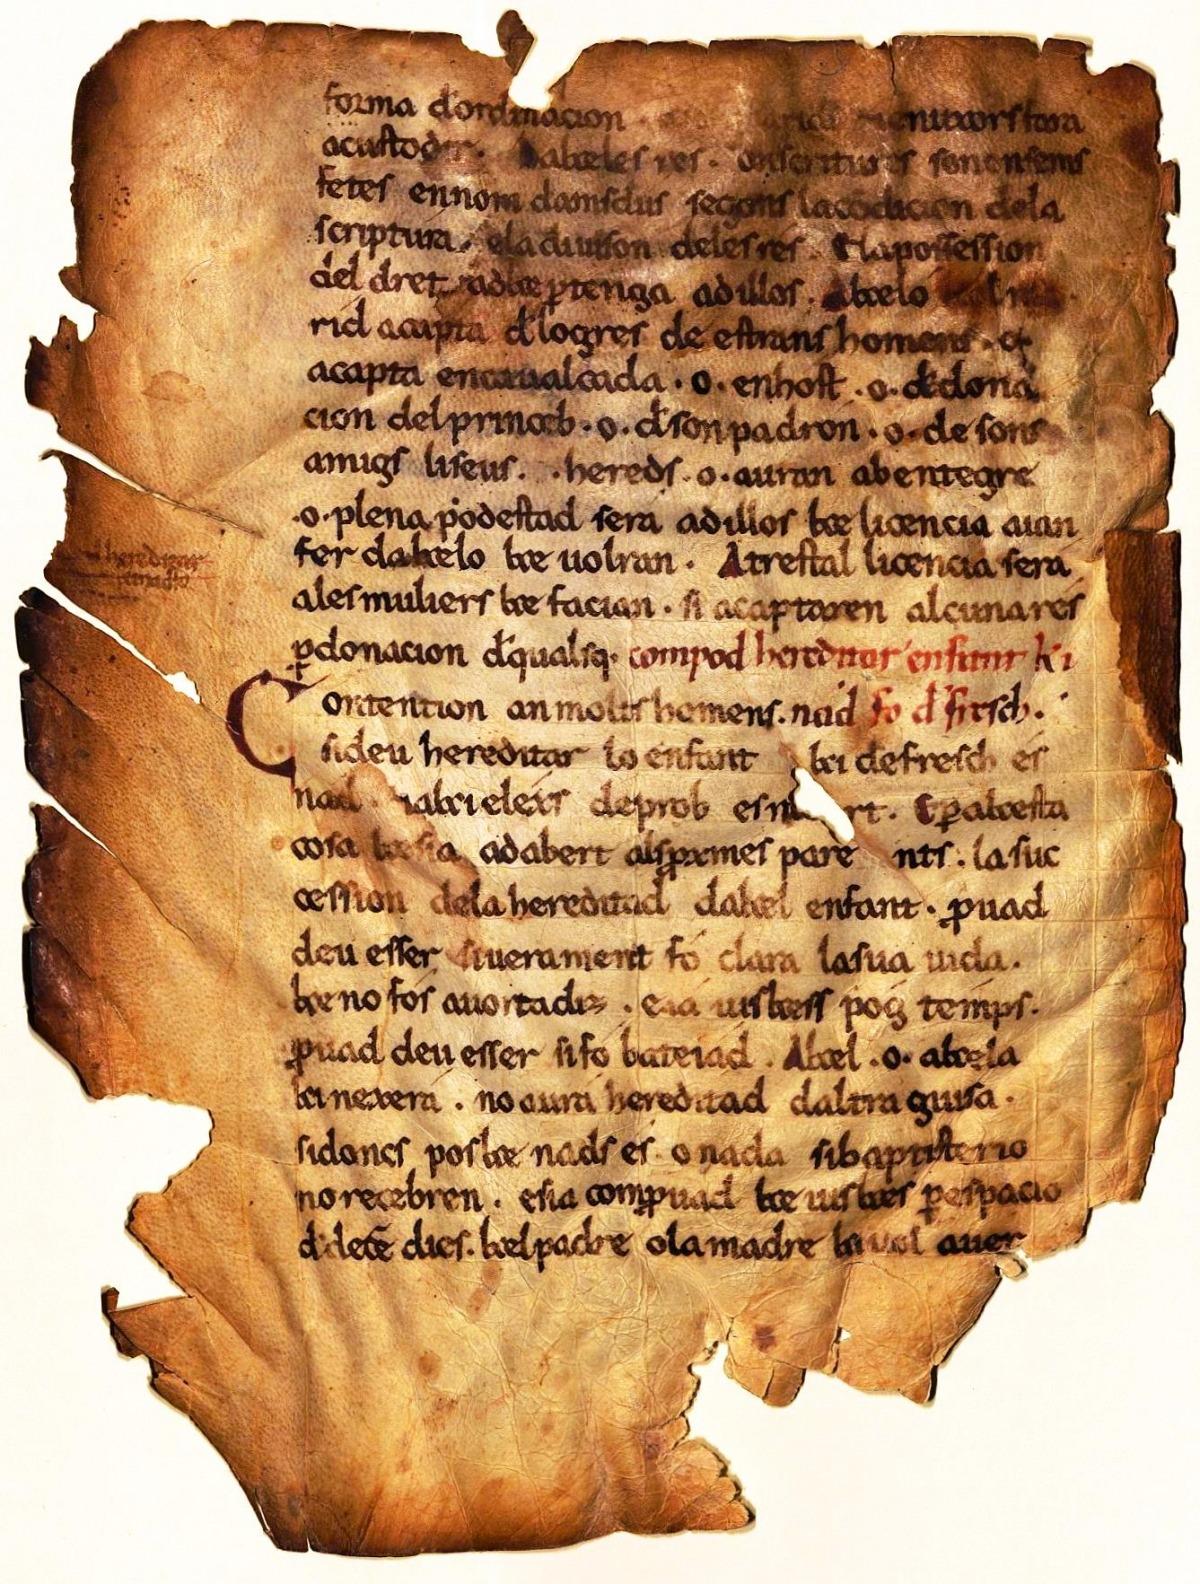 Pergamí de mitjans segle XII amb un fragment del 'Liber Iudicum' traduit al català.